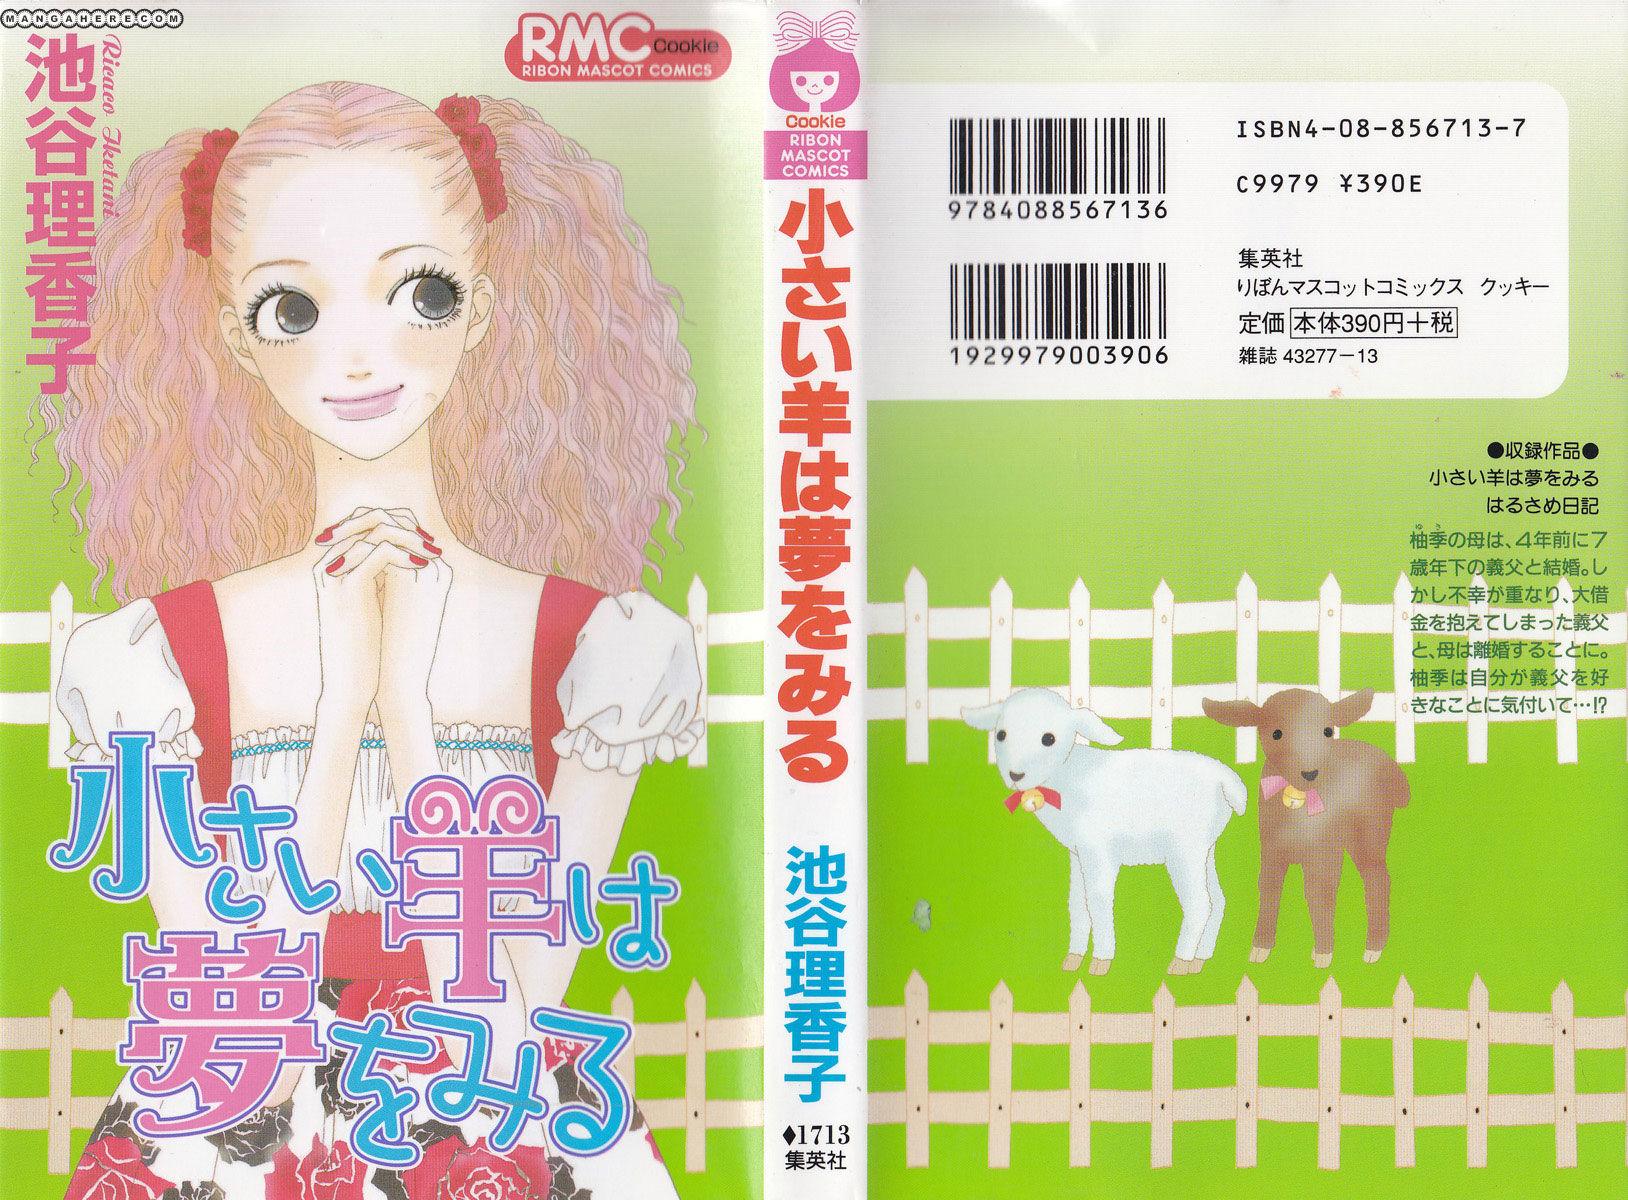 Chiisai Hitsuji Wa Yume Wo Miru 1 Page 1